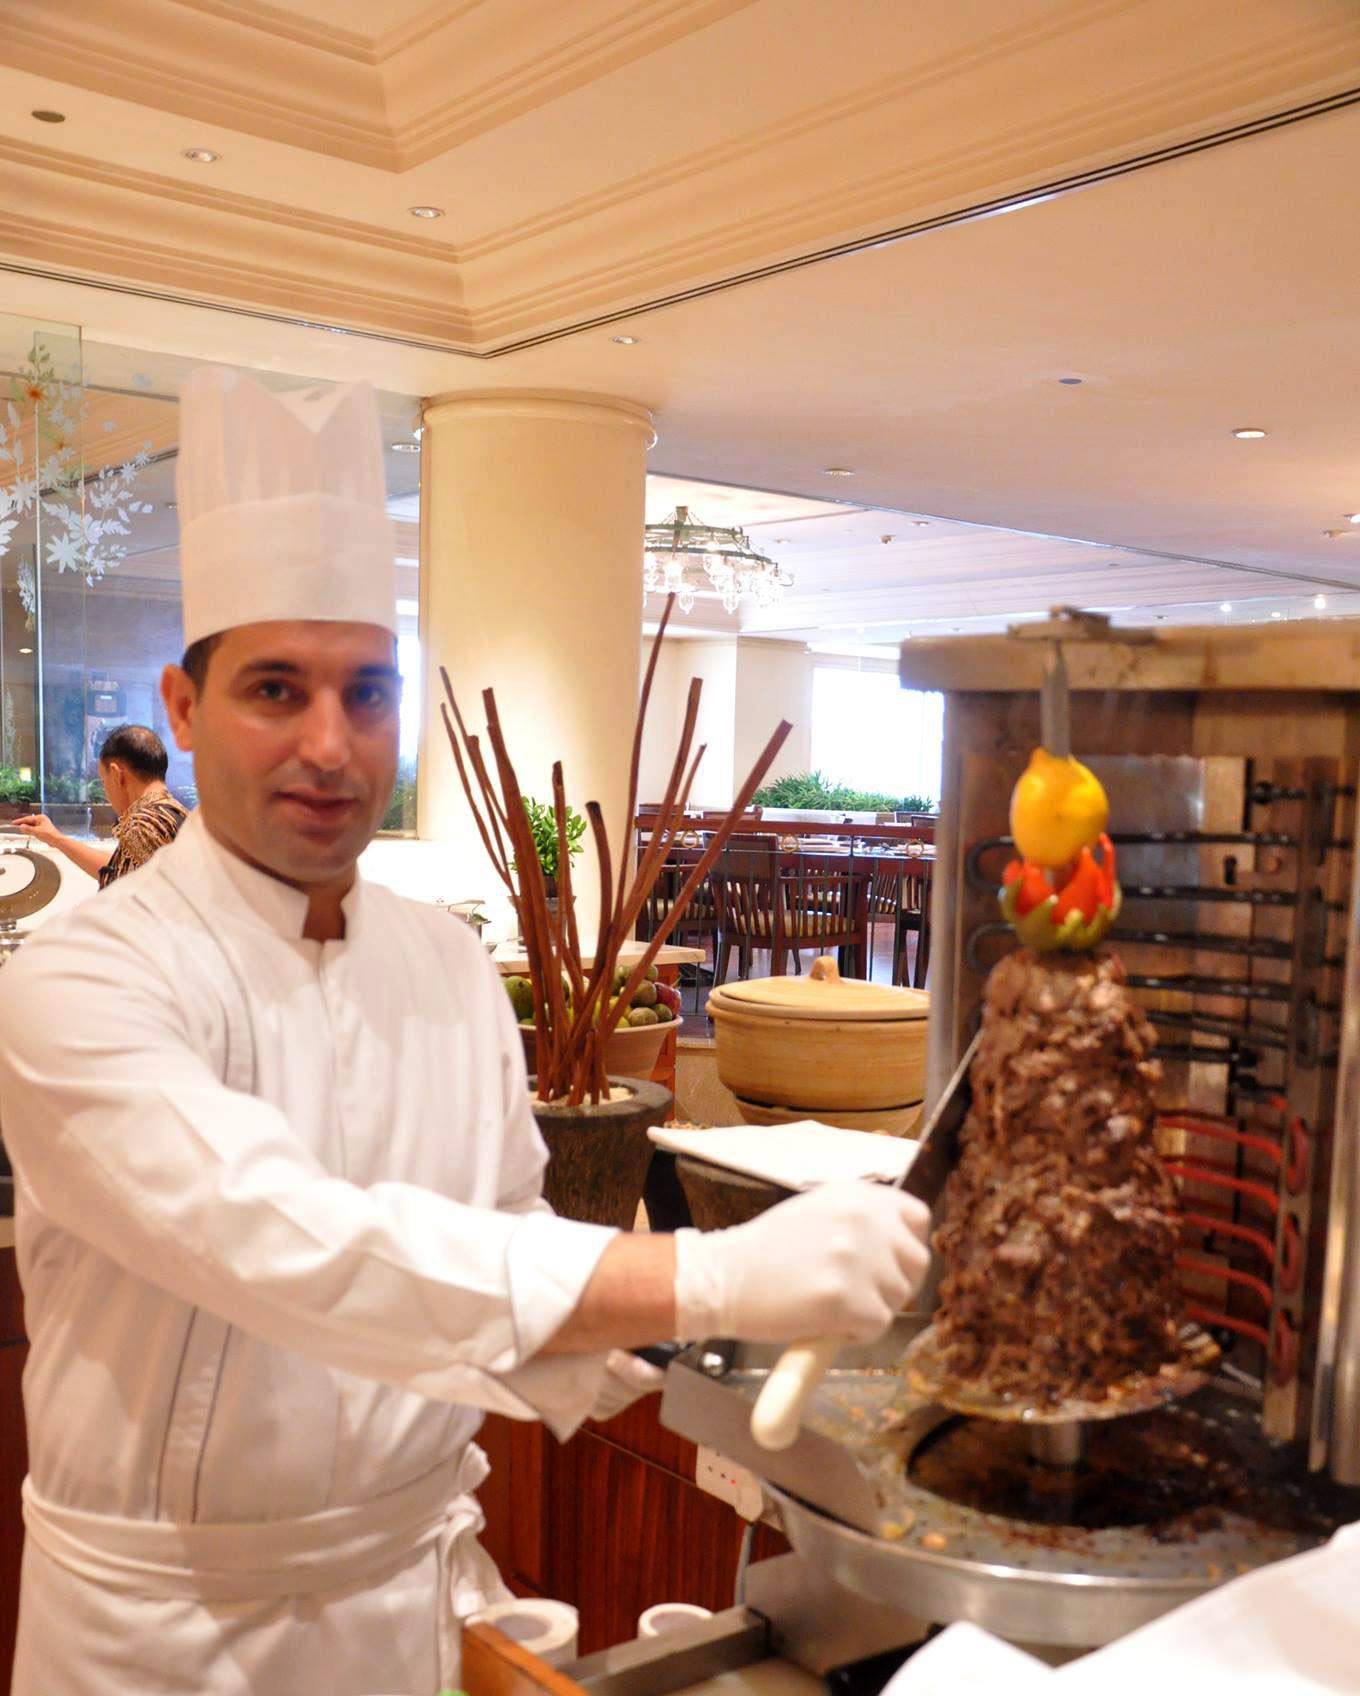 Salah satu koki sedang menyiapkan shawarma.